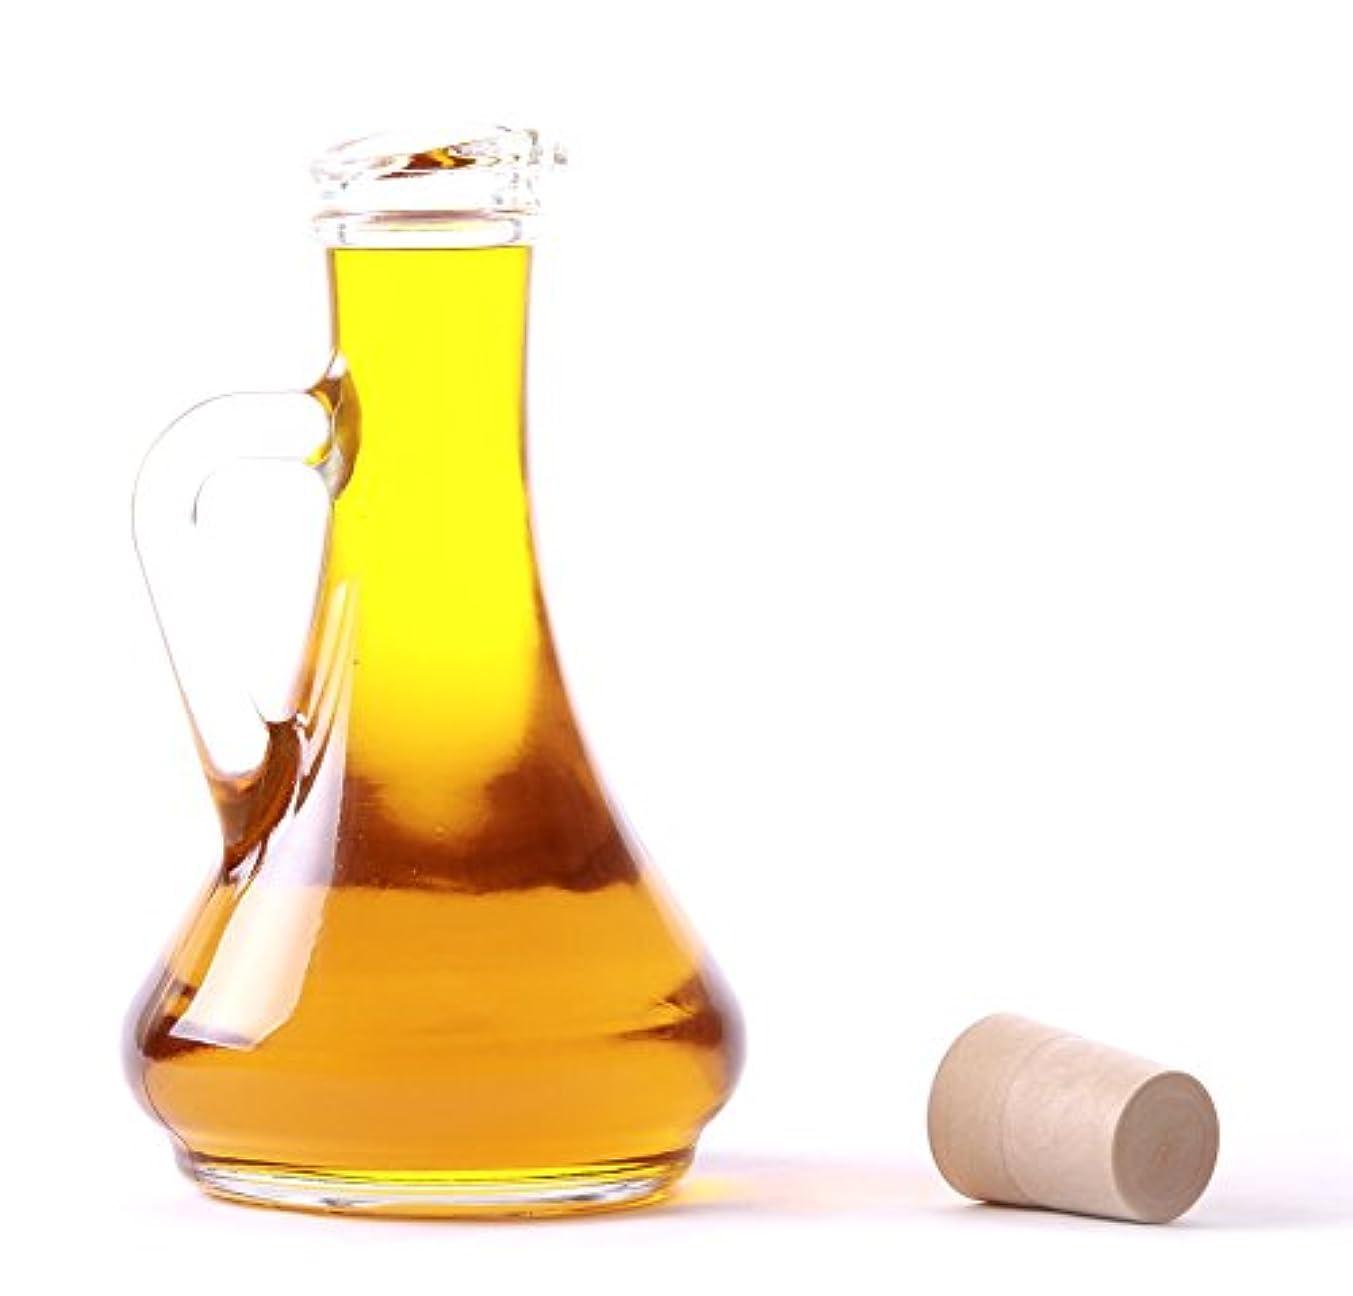 憂鬱な用量ぼかしMystic Moments | Flaxseed (Linseed) Organic Carrier Oil - 5 Litre - 100% Pure